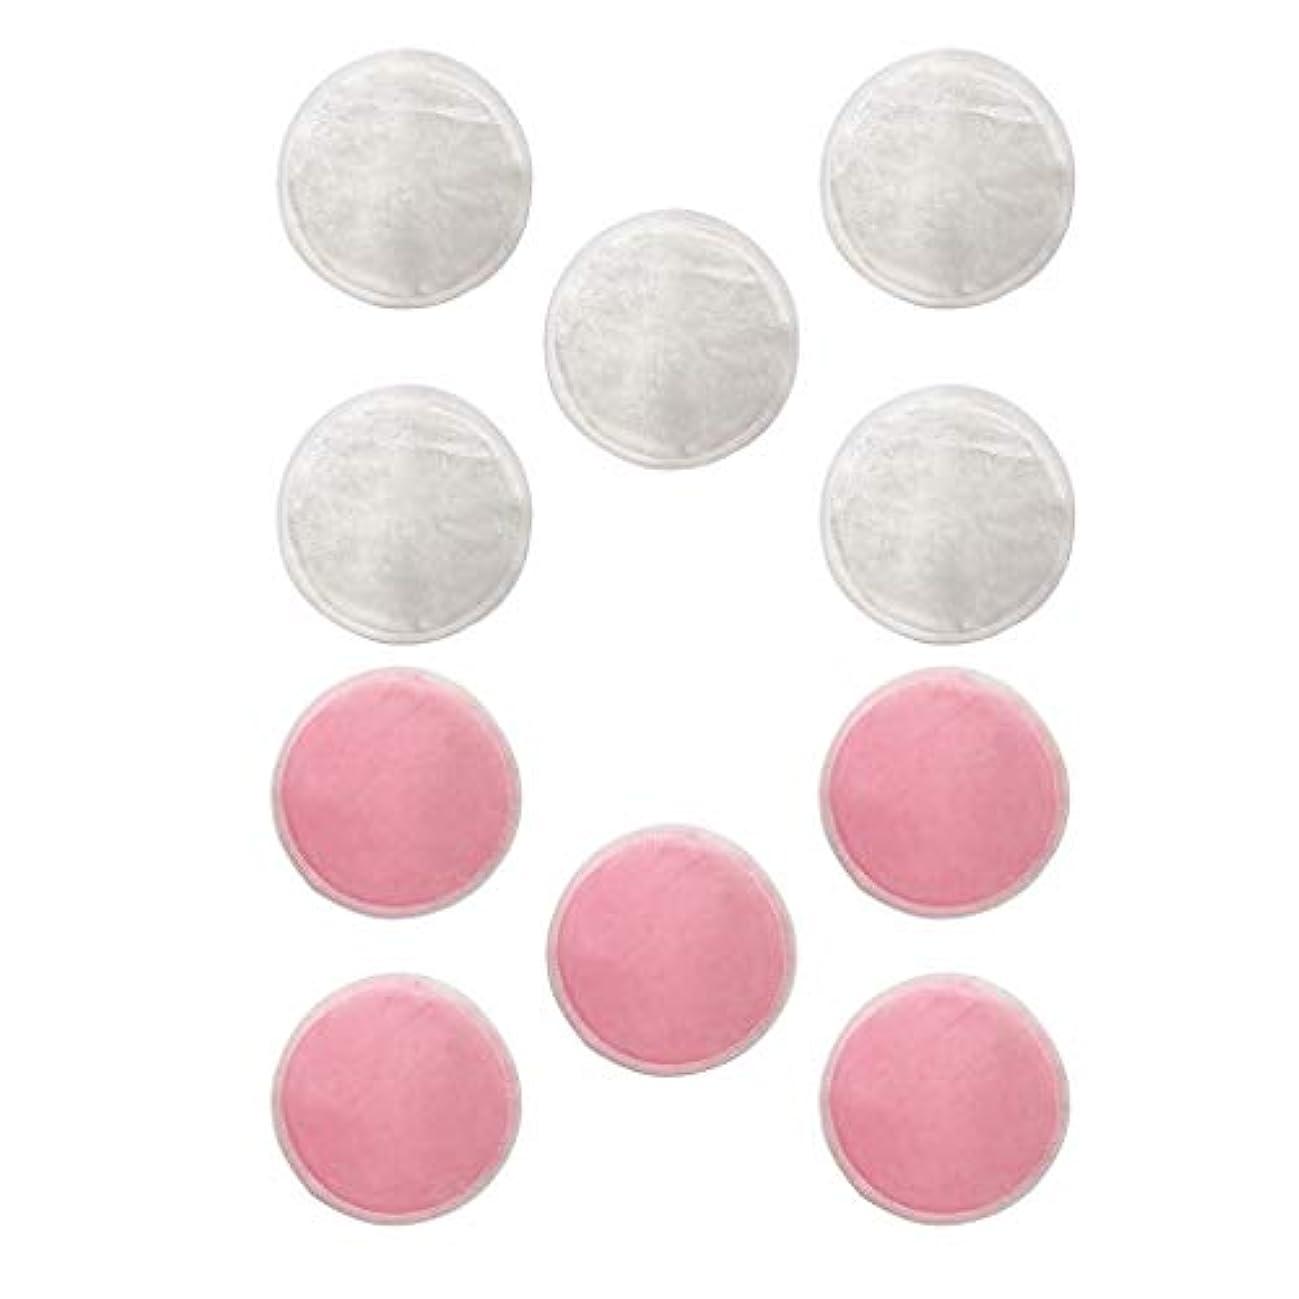 貢献する東アルコーブdailymall Natural Rounds 10 Packs-顔用の再利用可能な竹繊維メイク落としパッド-再利用可能なフェイシャルコットンラウンド